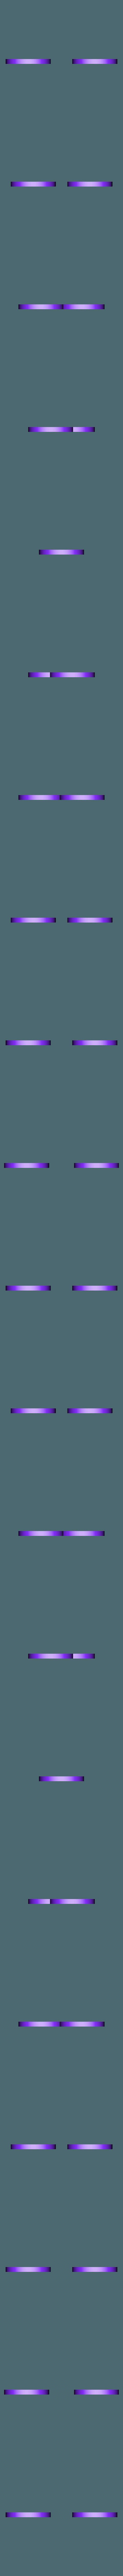 Harry_lenses.STL Télécharger fichier STL gratuit Sous-verres multicolores Harry Potter • Design pour impression 3D, MosaicManufacturing